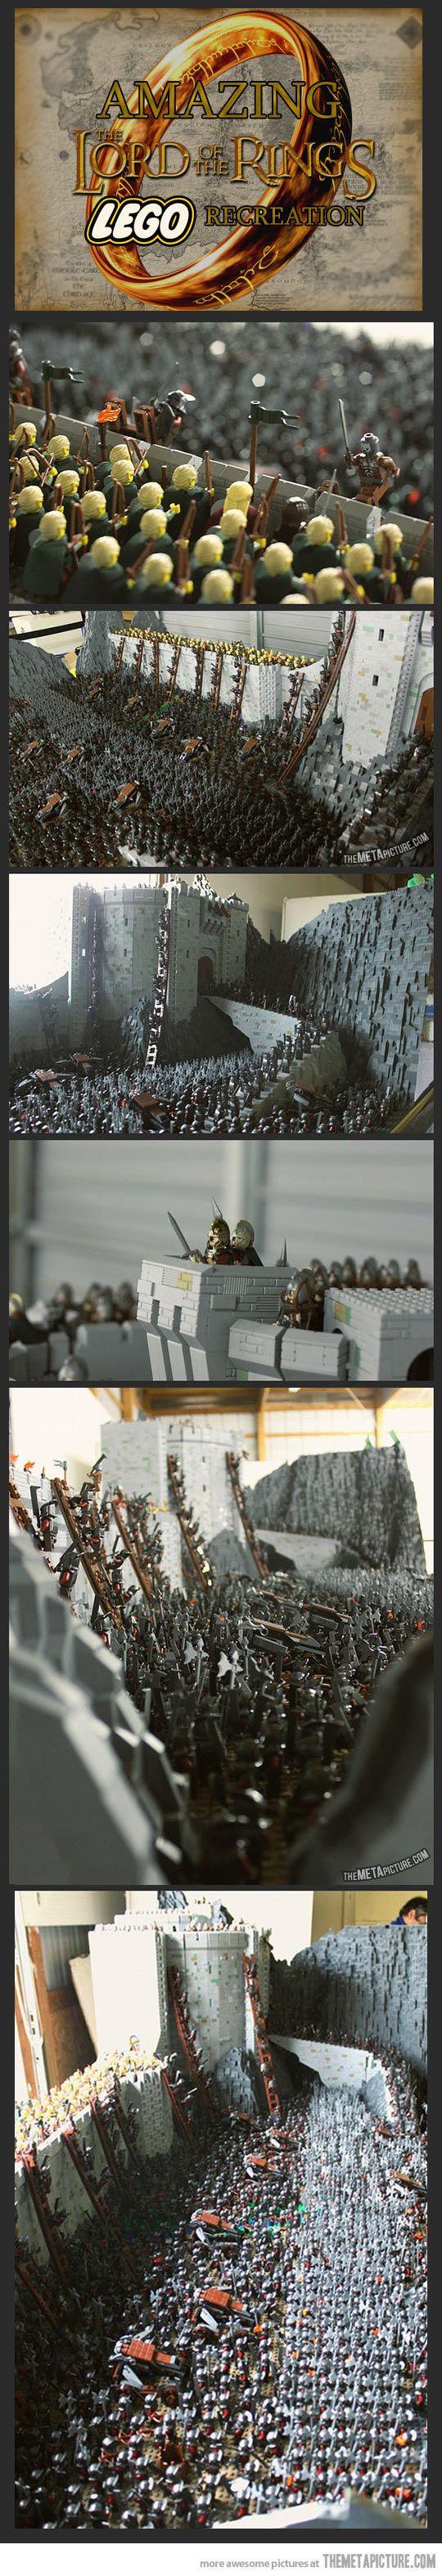 Señor de los Anillos en Lego